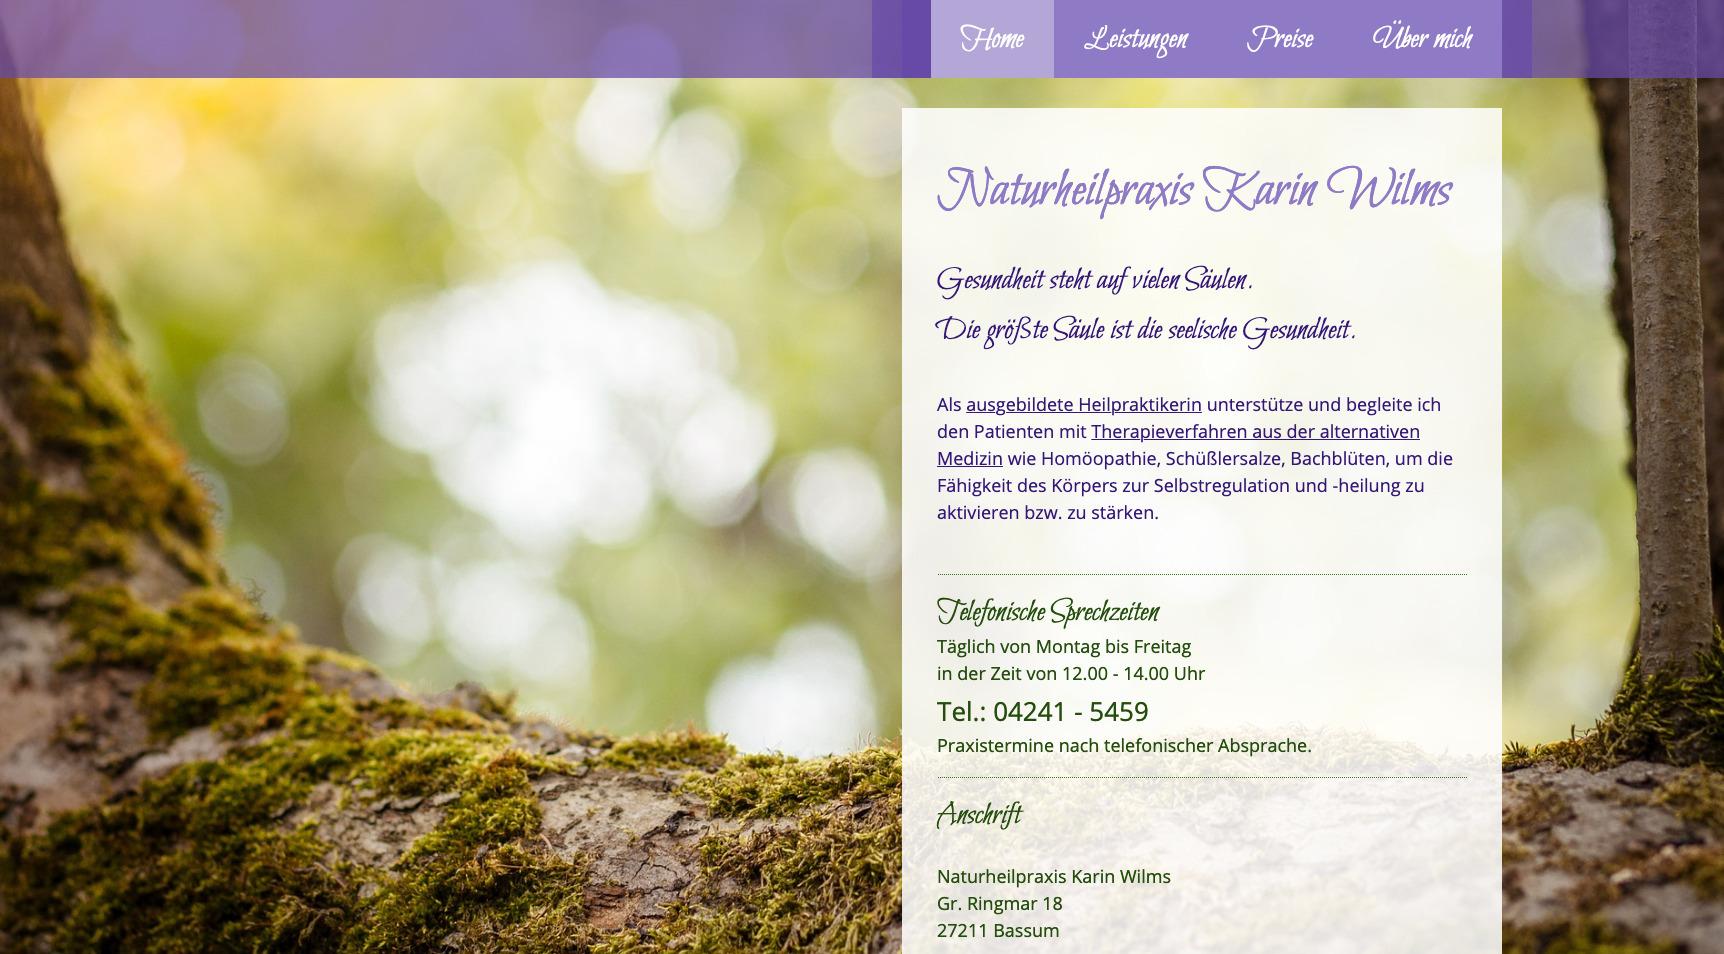 Naturheilpraxis Karin Wilms Beratung Layout Smart-Web-Lösung